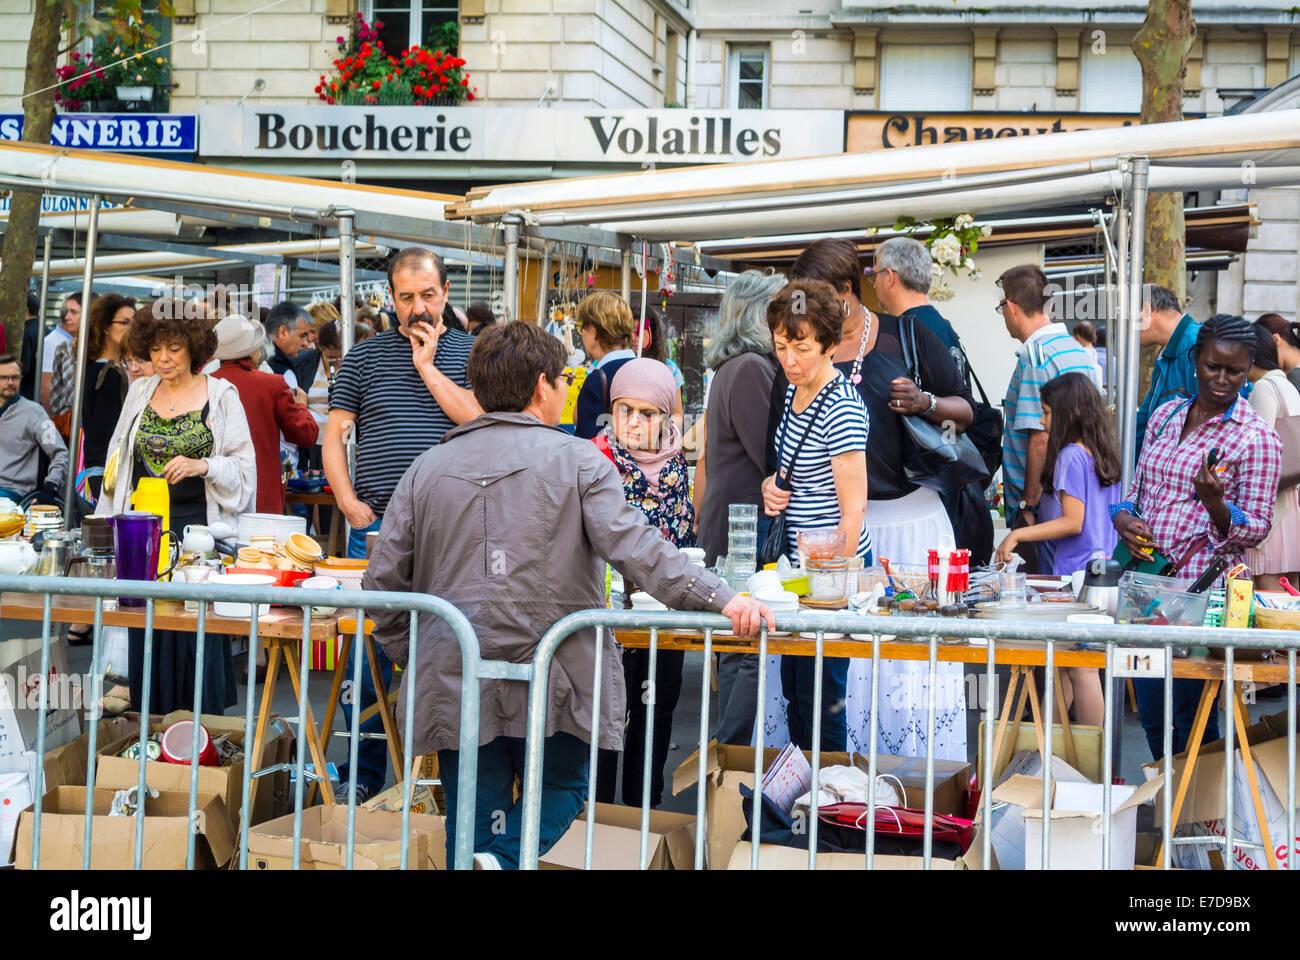 Sunday market Paris France - Stock Image